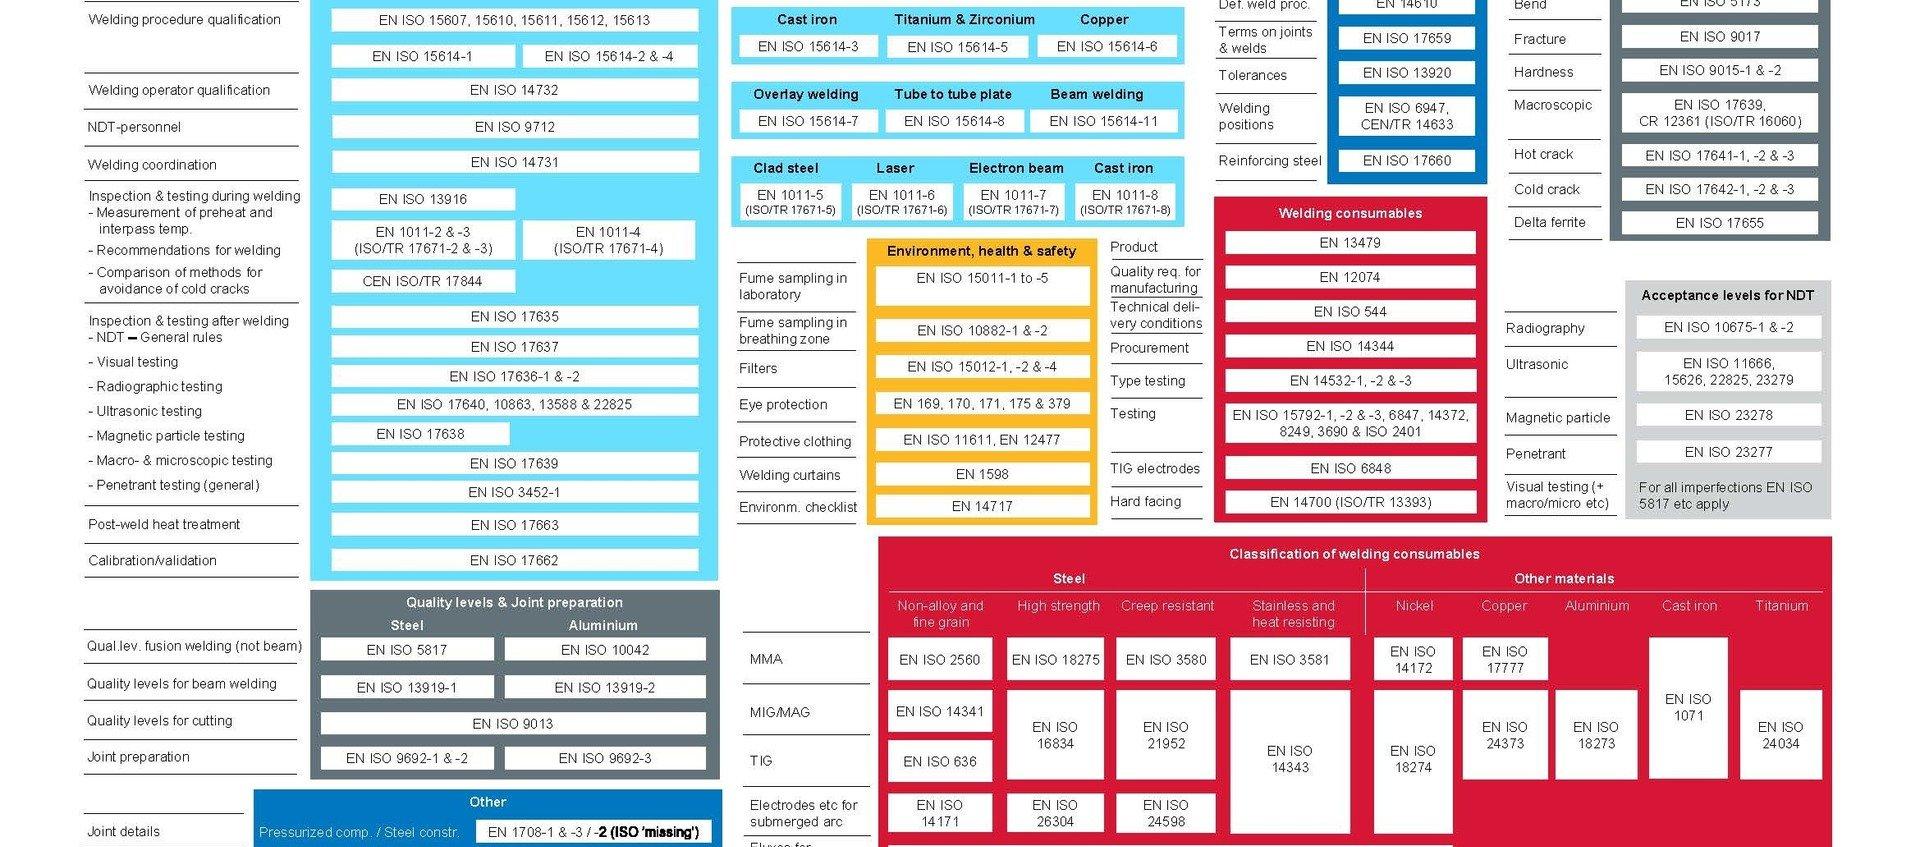 Het beschrijven en goedkeuren van lasmethoden volgens de NEN-EN-ISO-structuur (2)